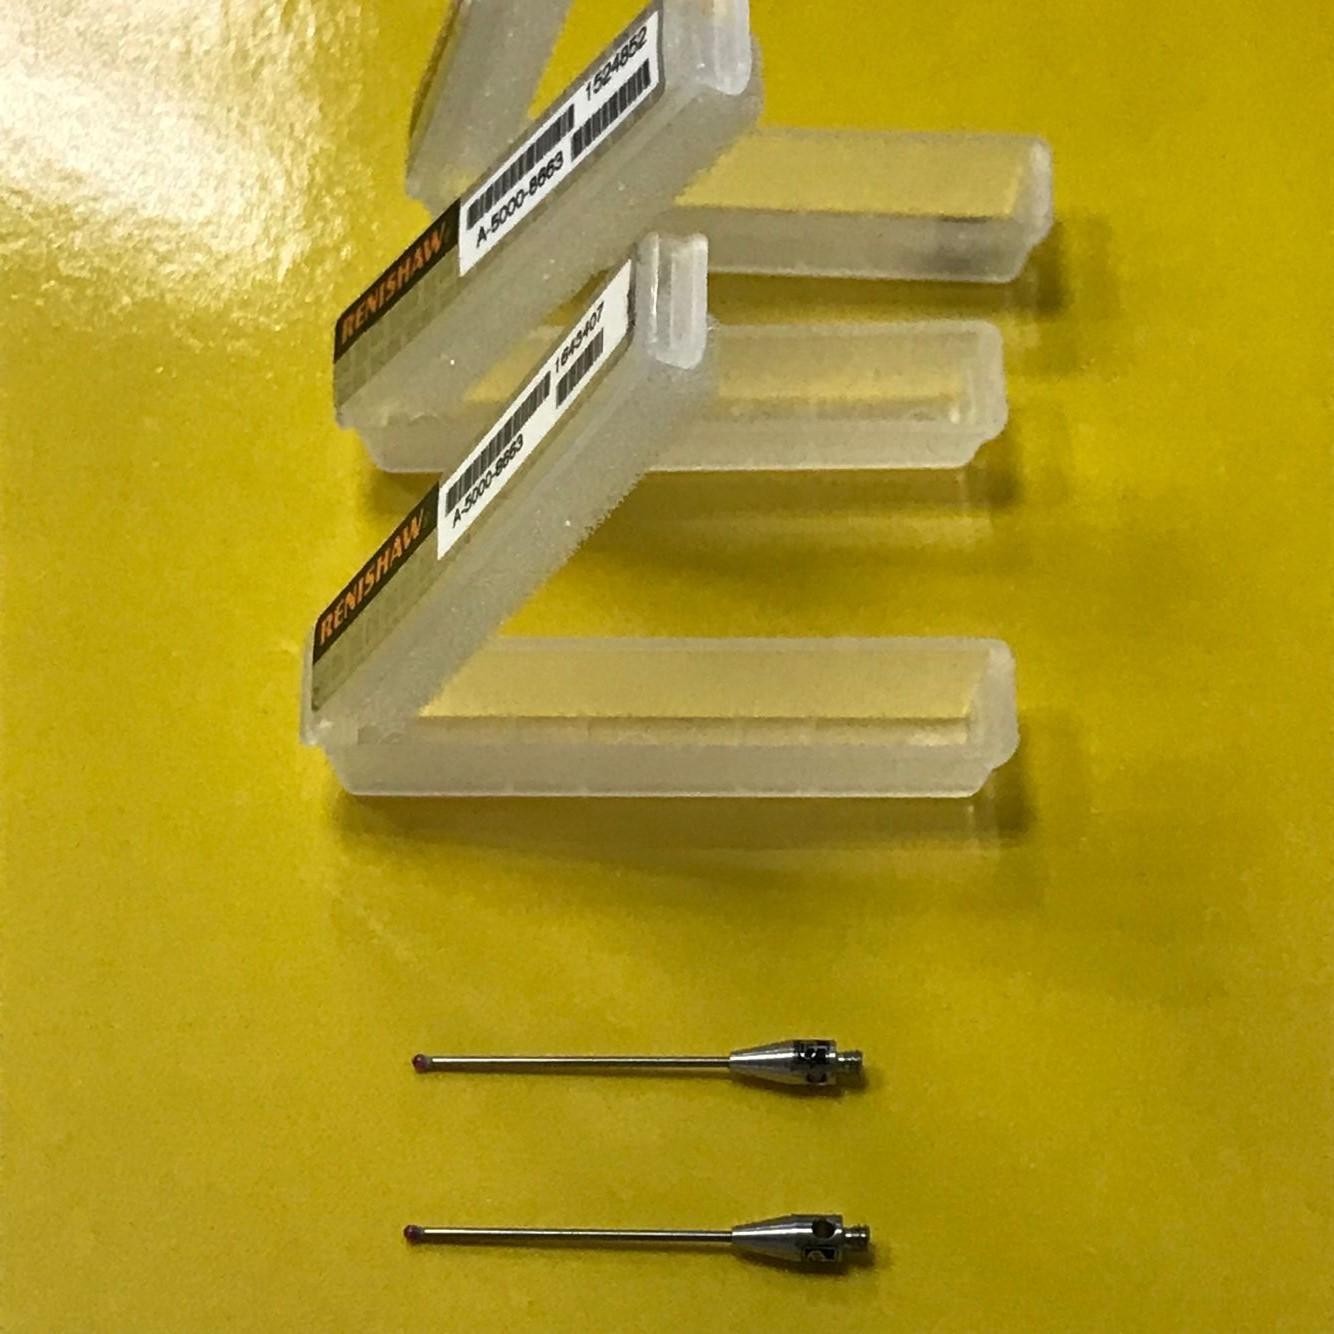 销售三坐标探针 A-5000-8663原装进口 价格优惠 现货提供